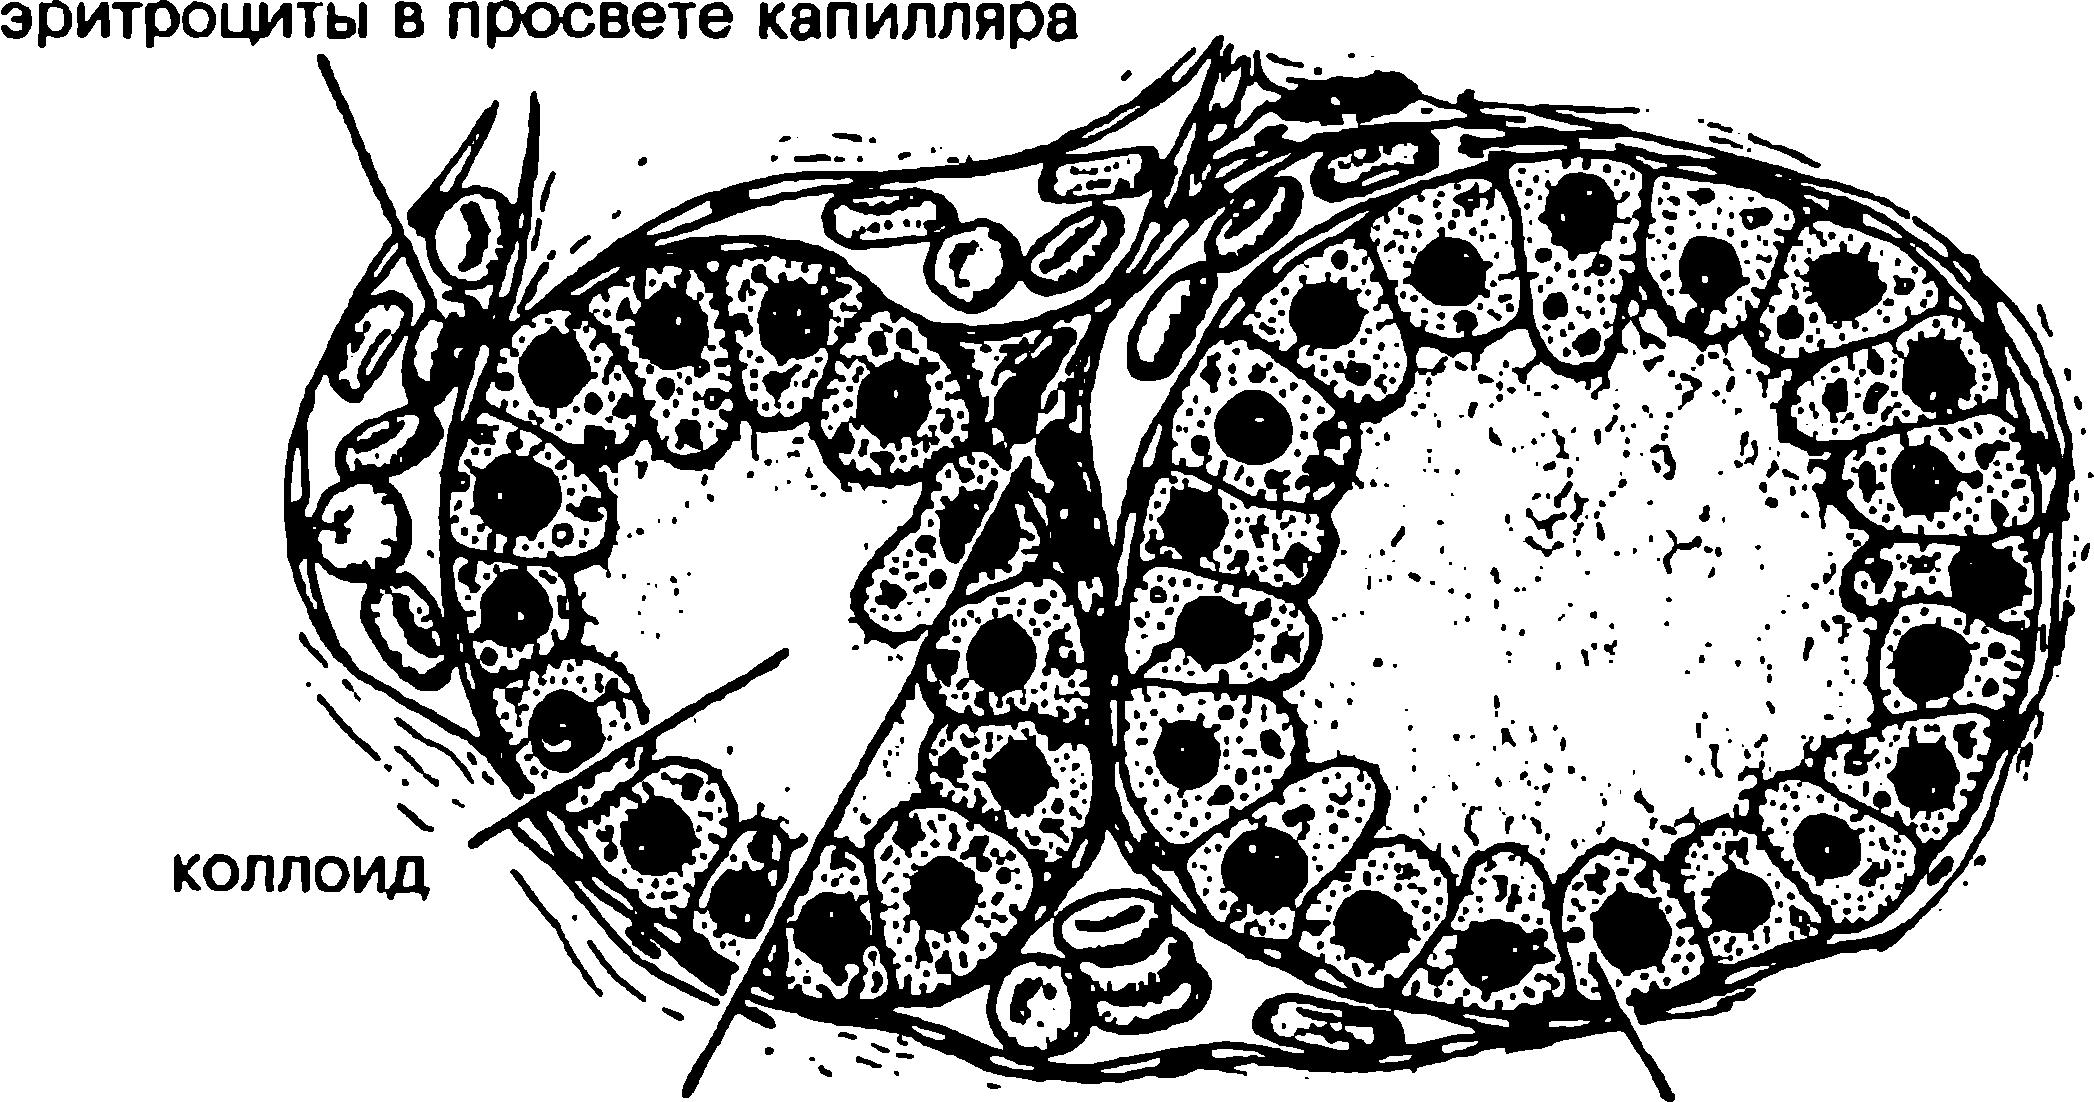 трубчатая железа